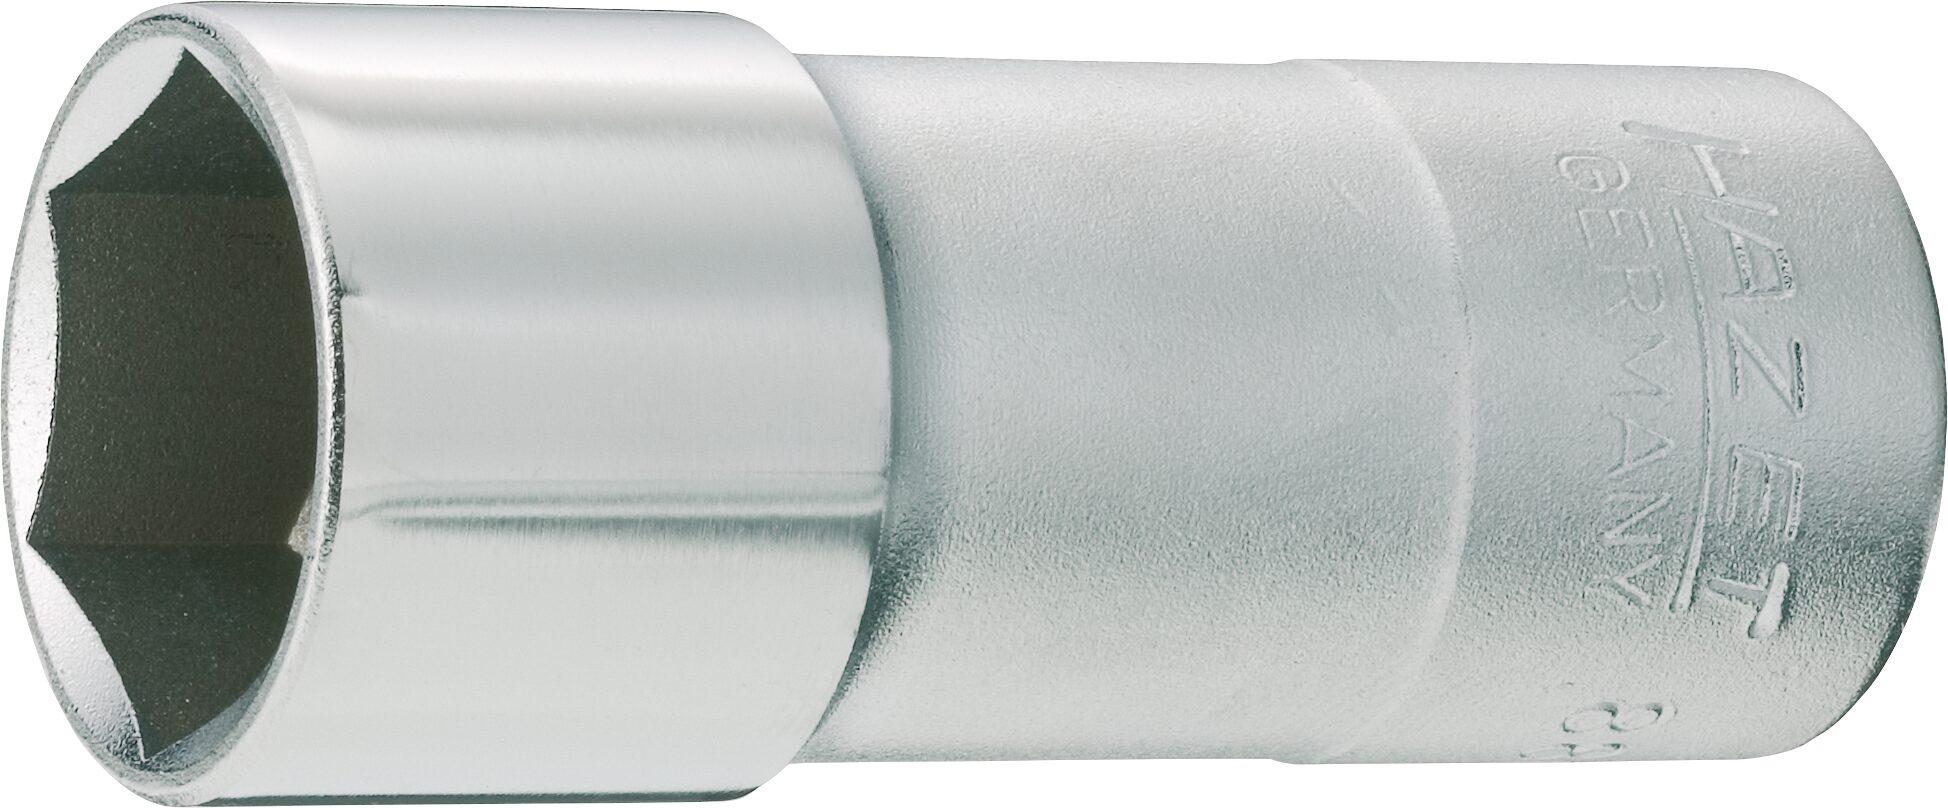 HAZET Zündkerzen Steckschlüsseleinsatz 880KF ∙ Vierkant hohl 10 mm (3/8 Zoll) ∙ Außen-Sechskant Profil ∙ 20.8 mm